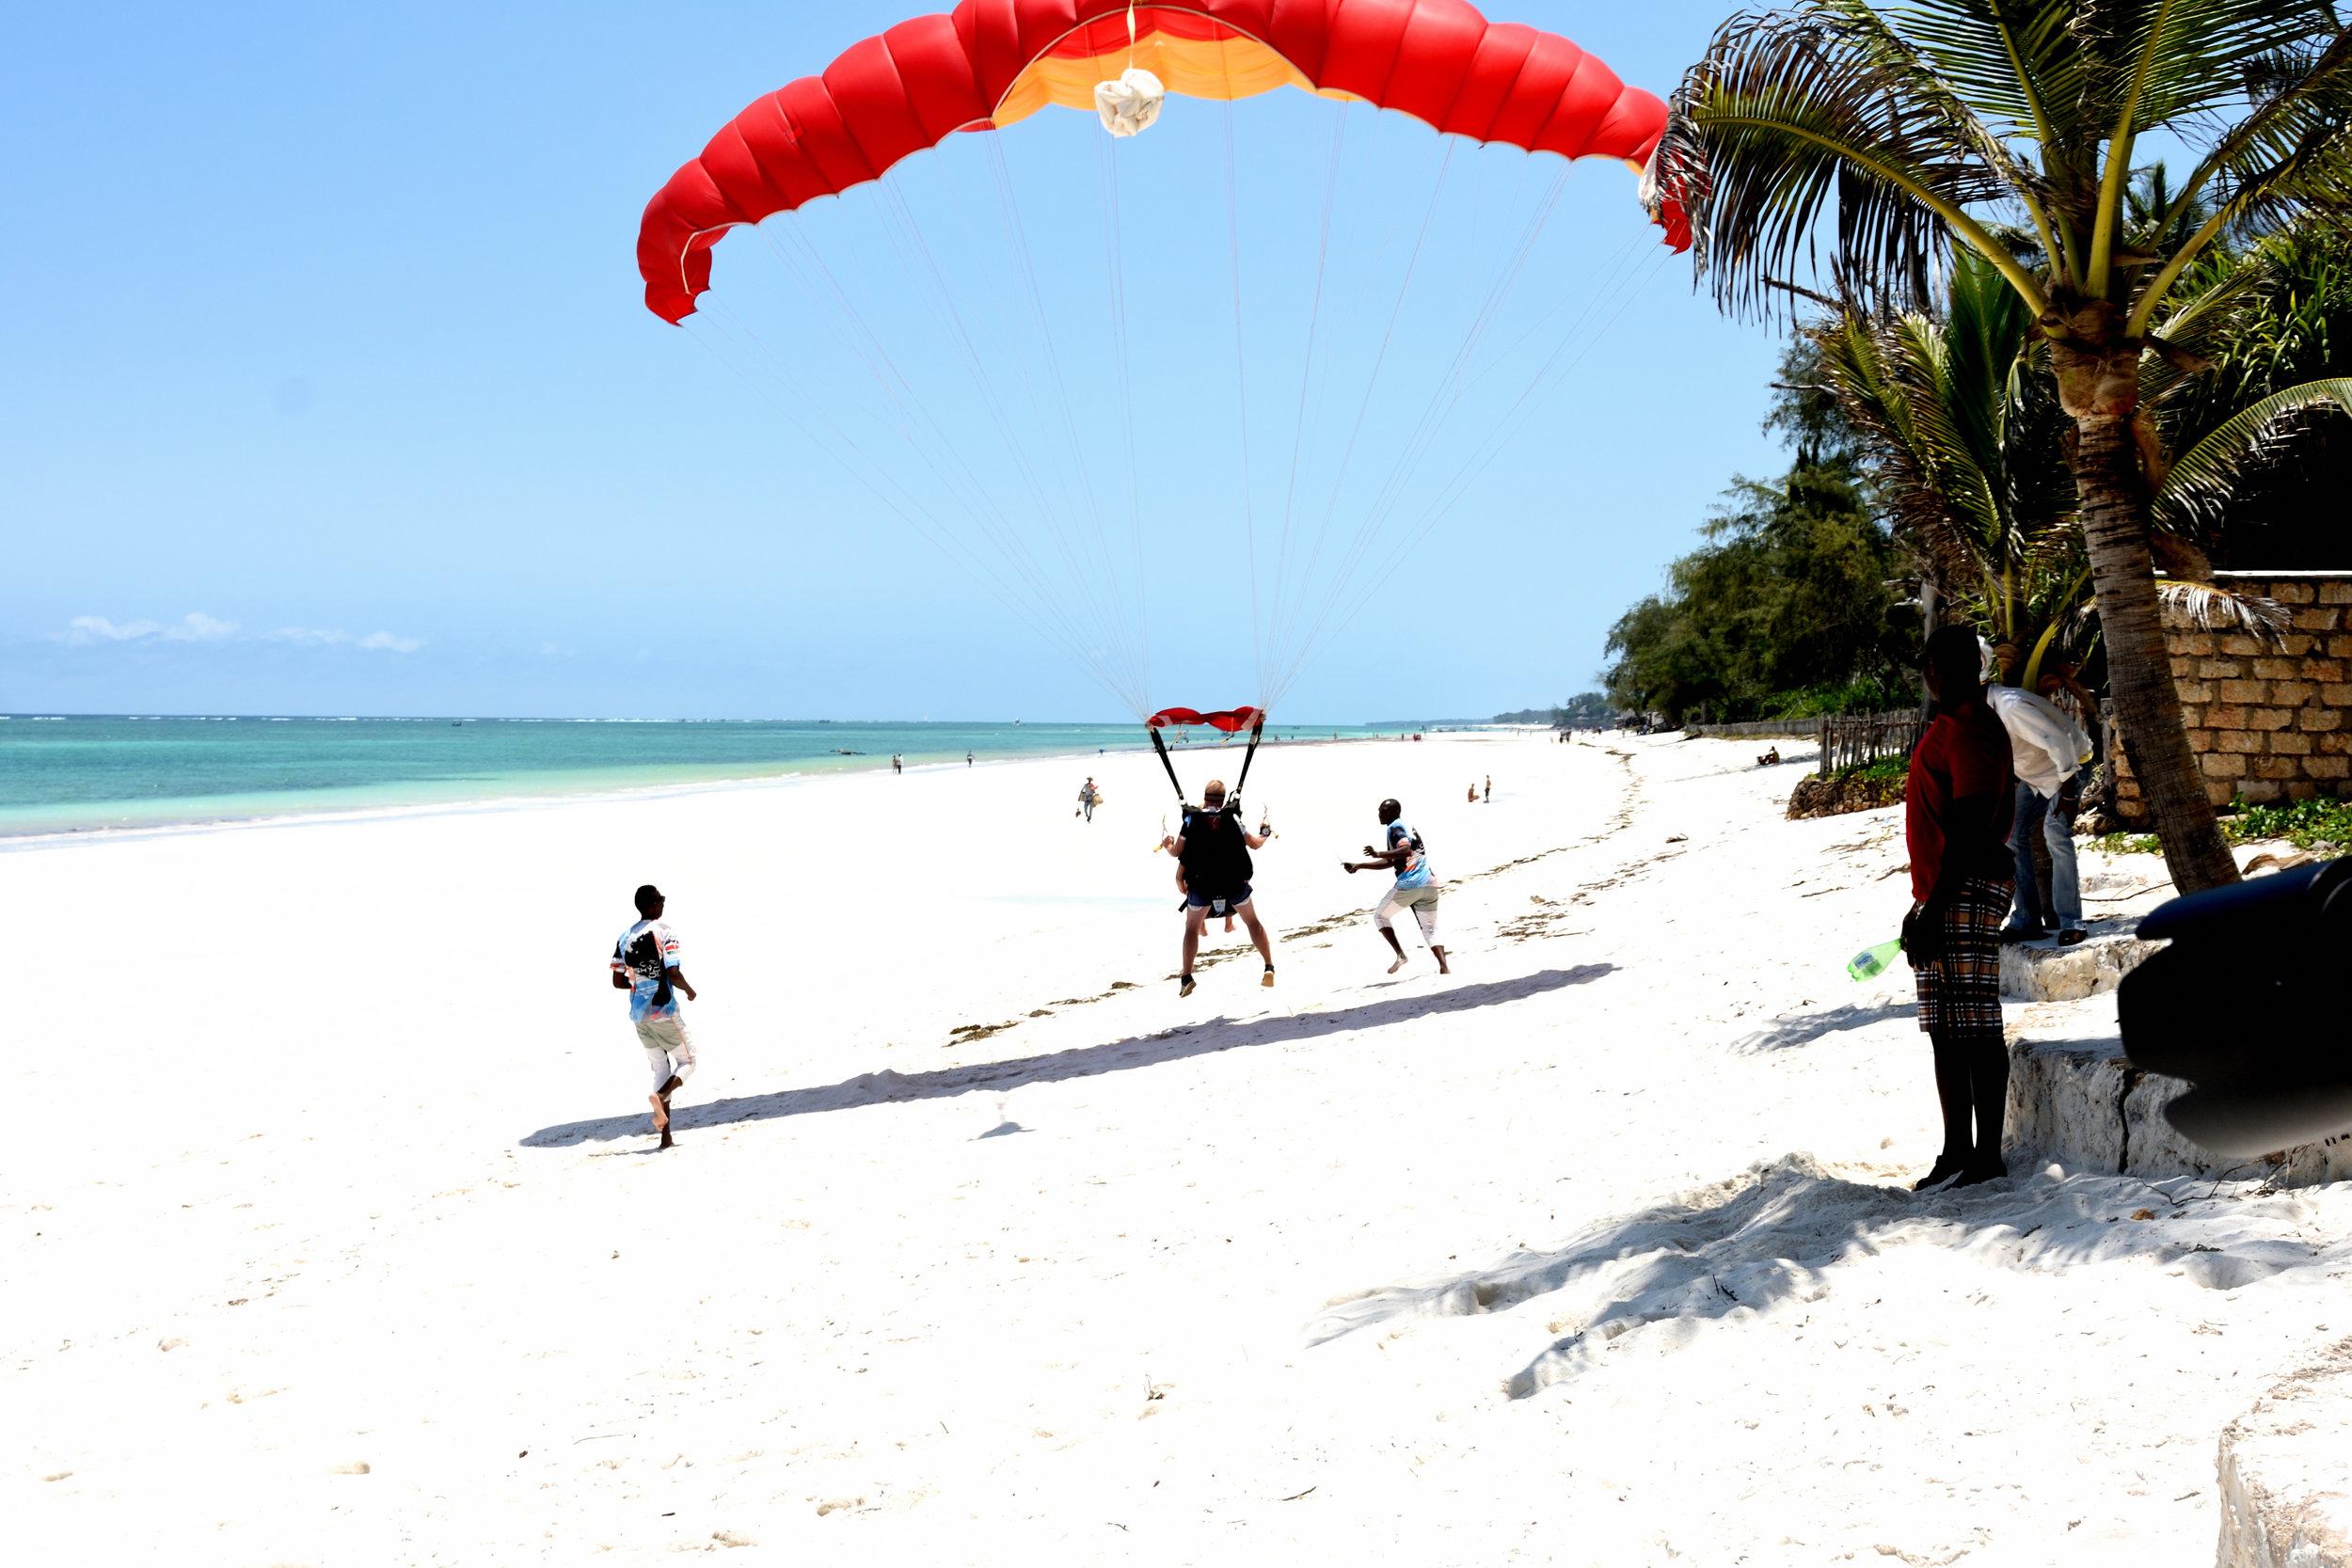 Skydiving at Diani Beach, Kenya, October 2017